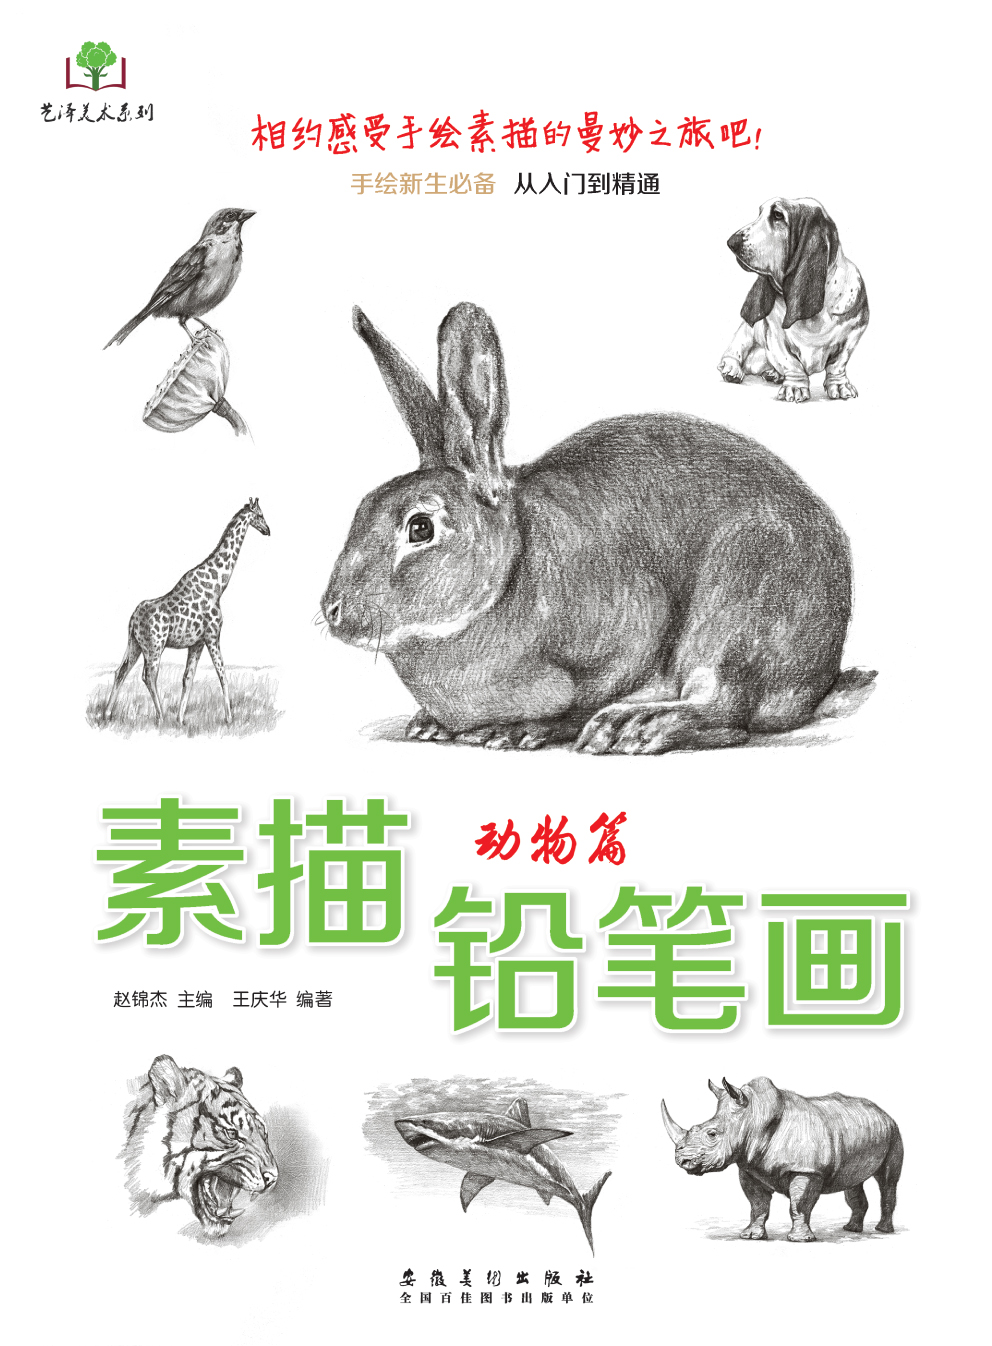 正版 素描铅笔画 动物篇 画马虎狮子兔猪等画法 手绘新生必备从入门到